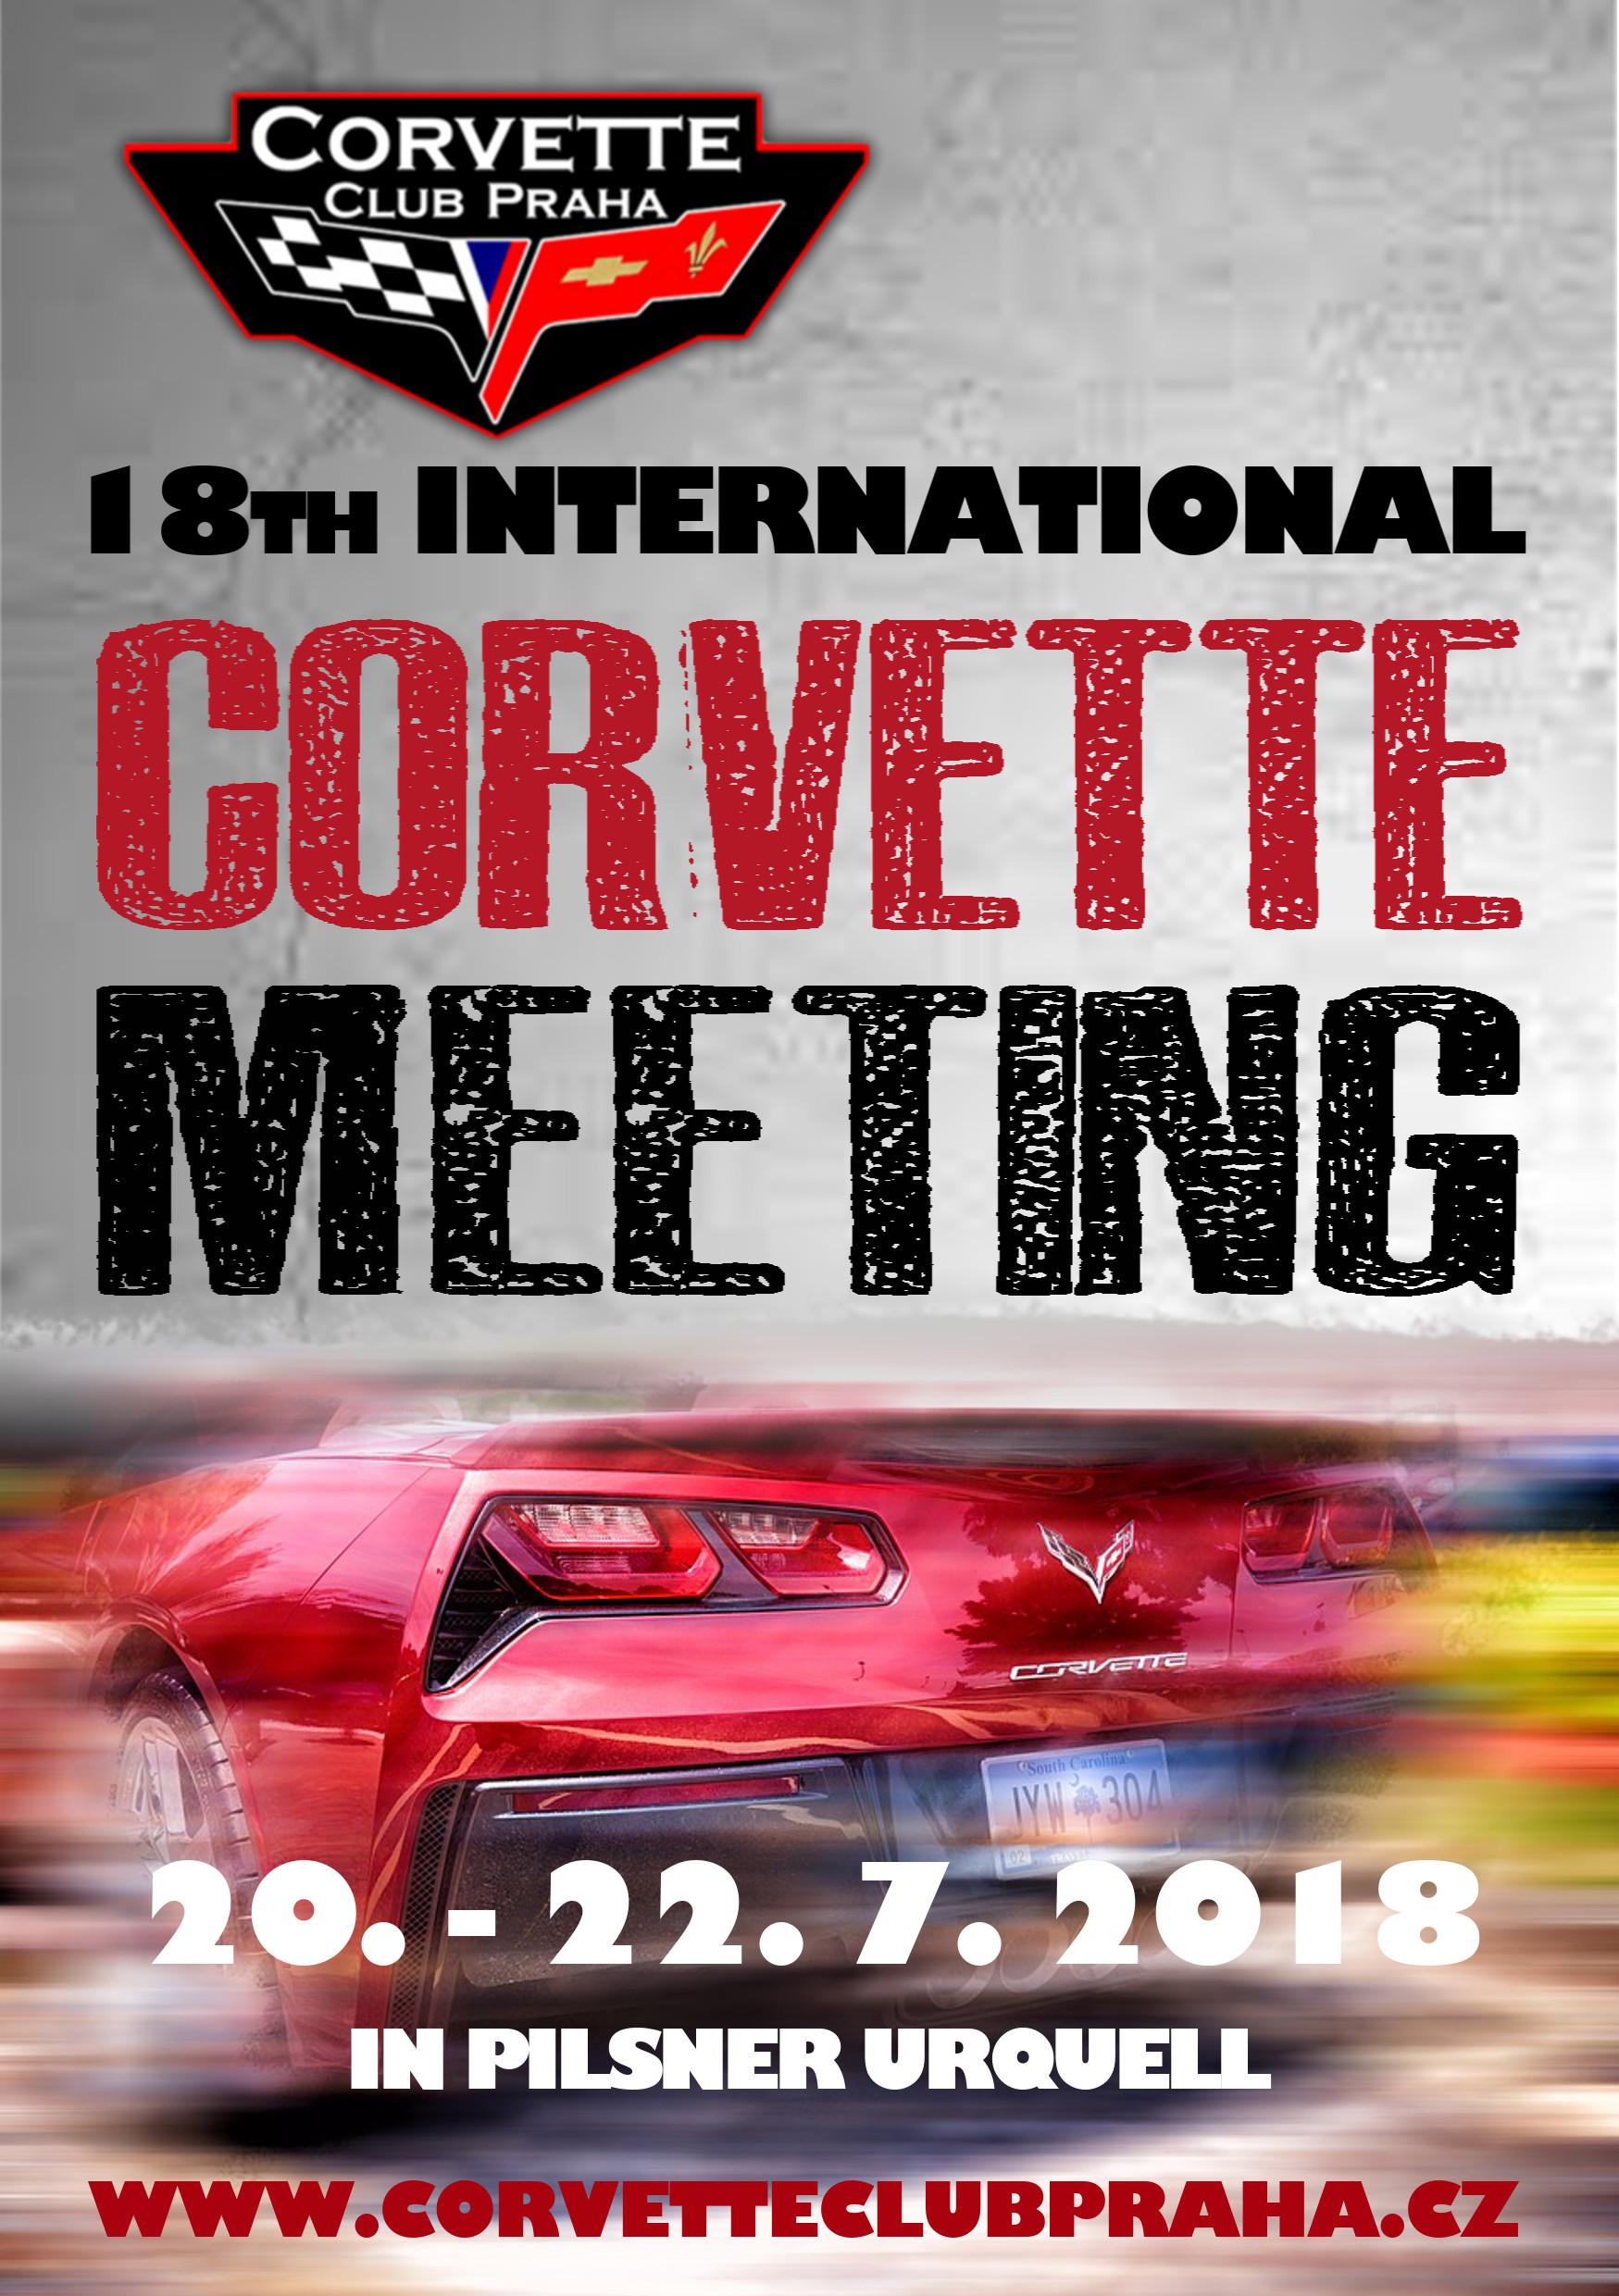 18th International Meeting of Corvette Club Praha